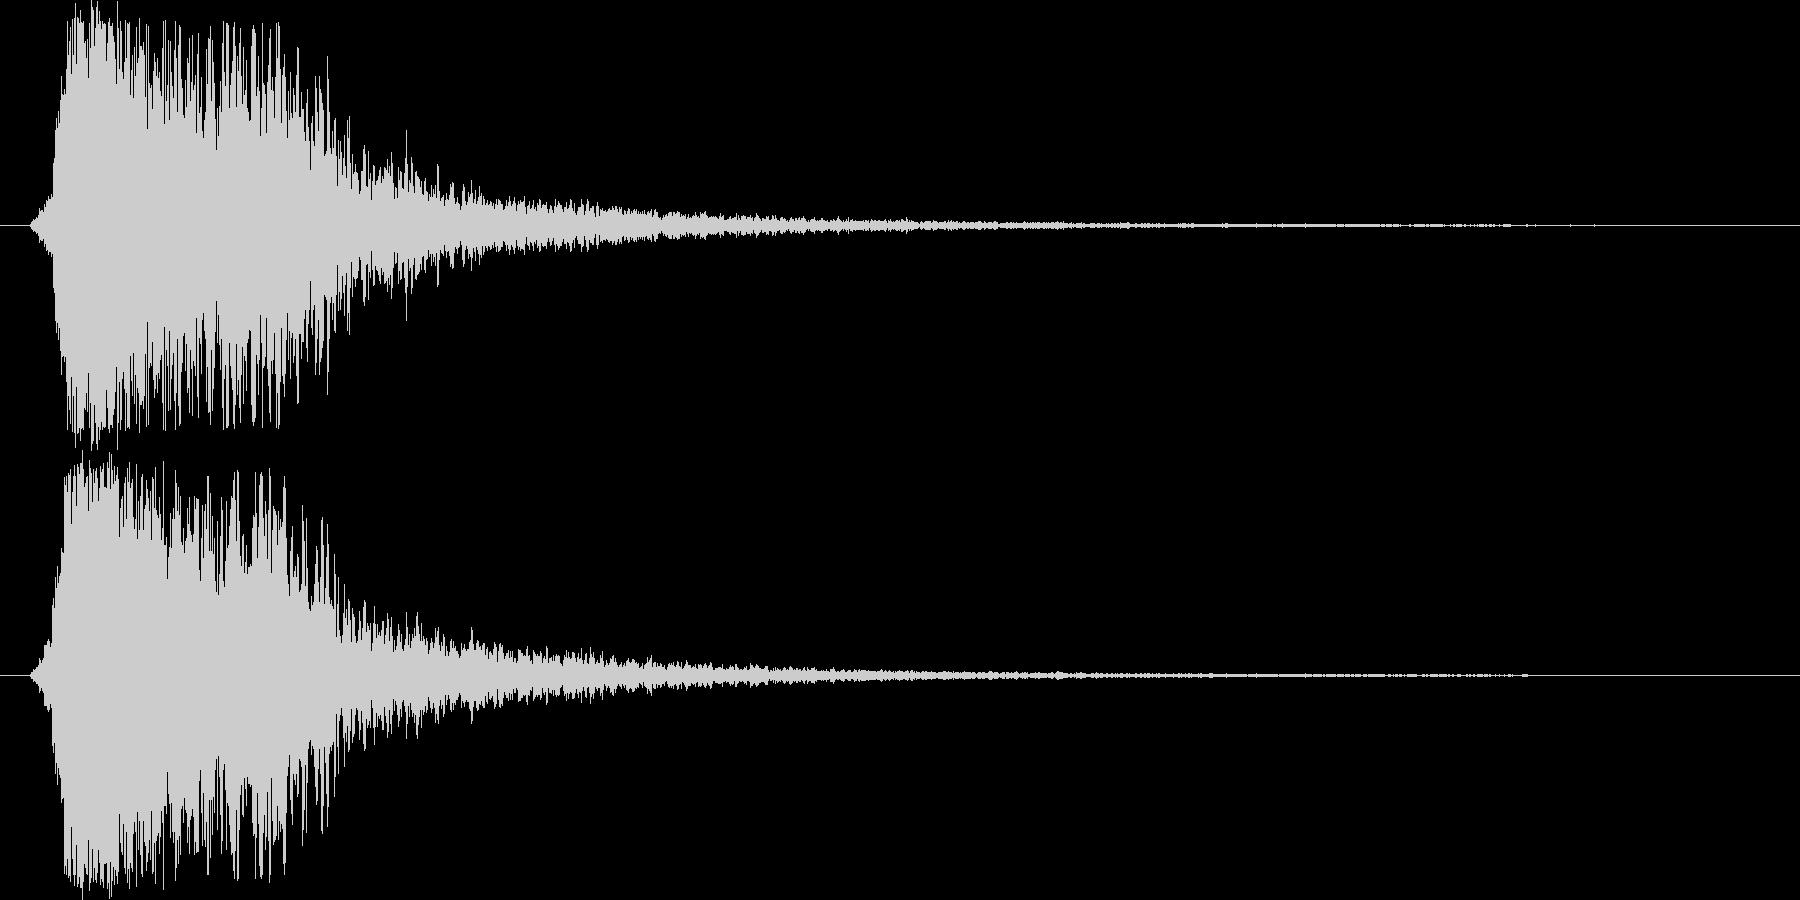 シャキーン(剣や刀、必殺技などの音)2vの未再生の波形